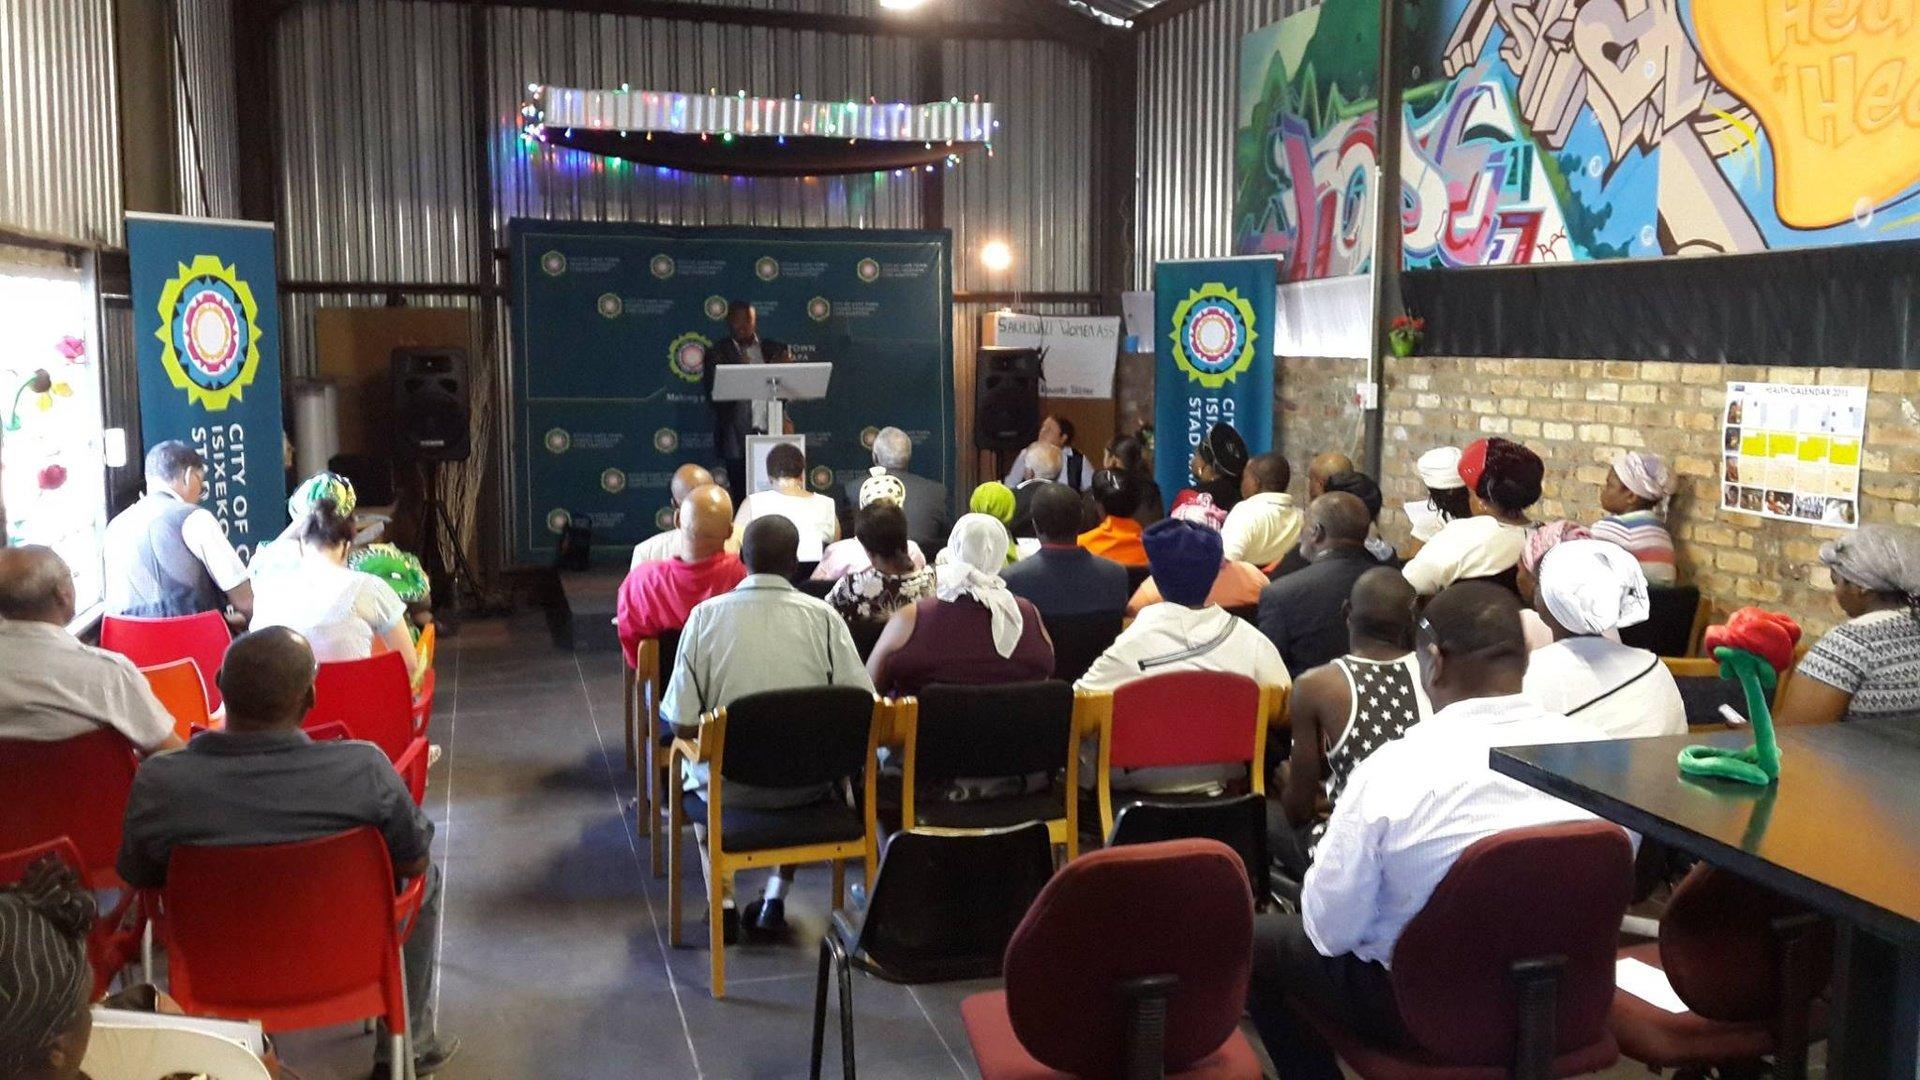 Le Cap workshop spaces Salle de réunion Hubspace - Philippi image 0